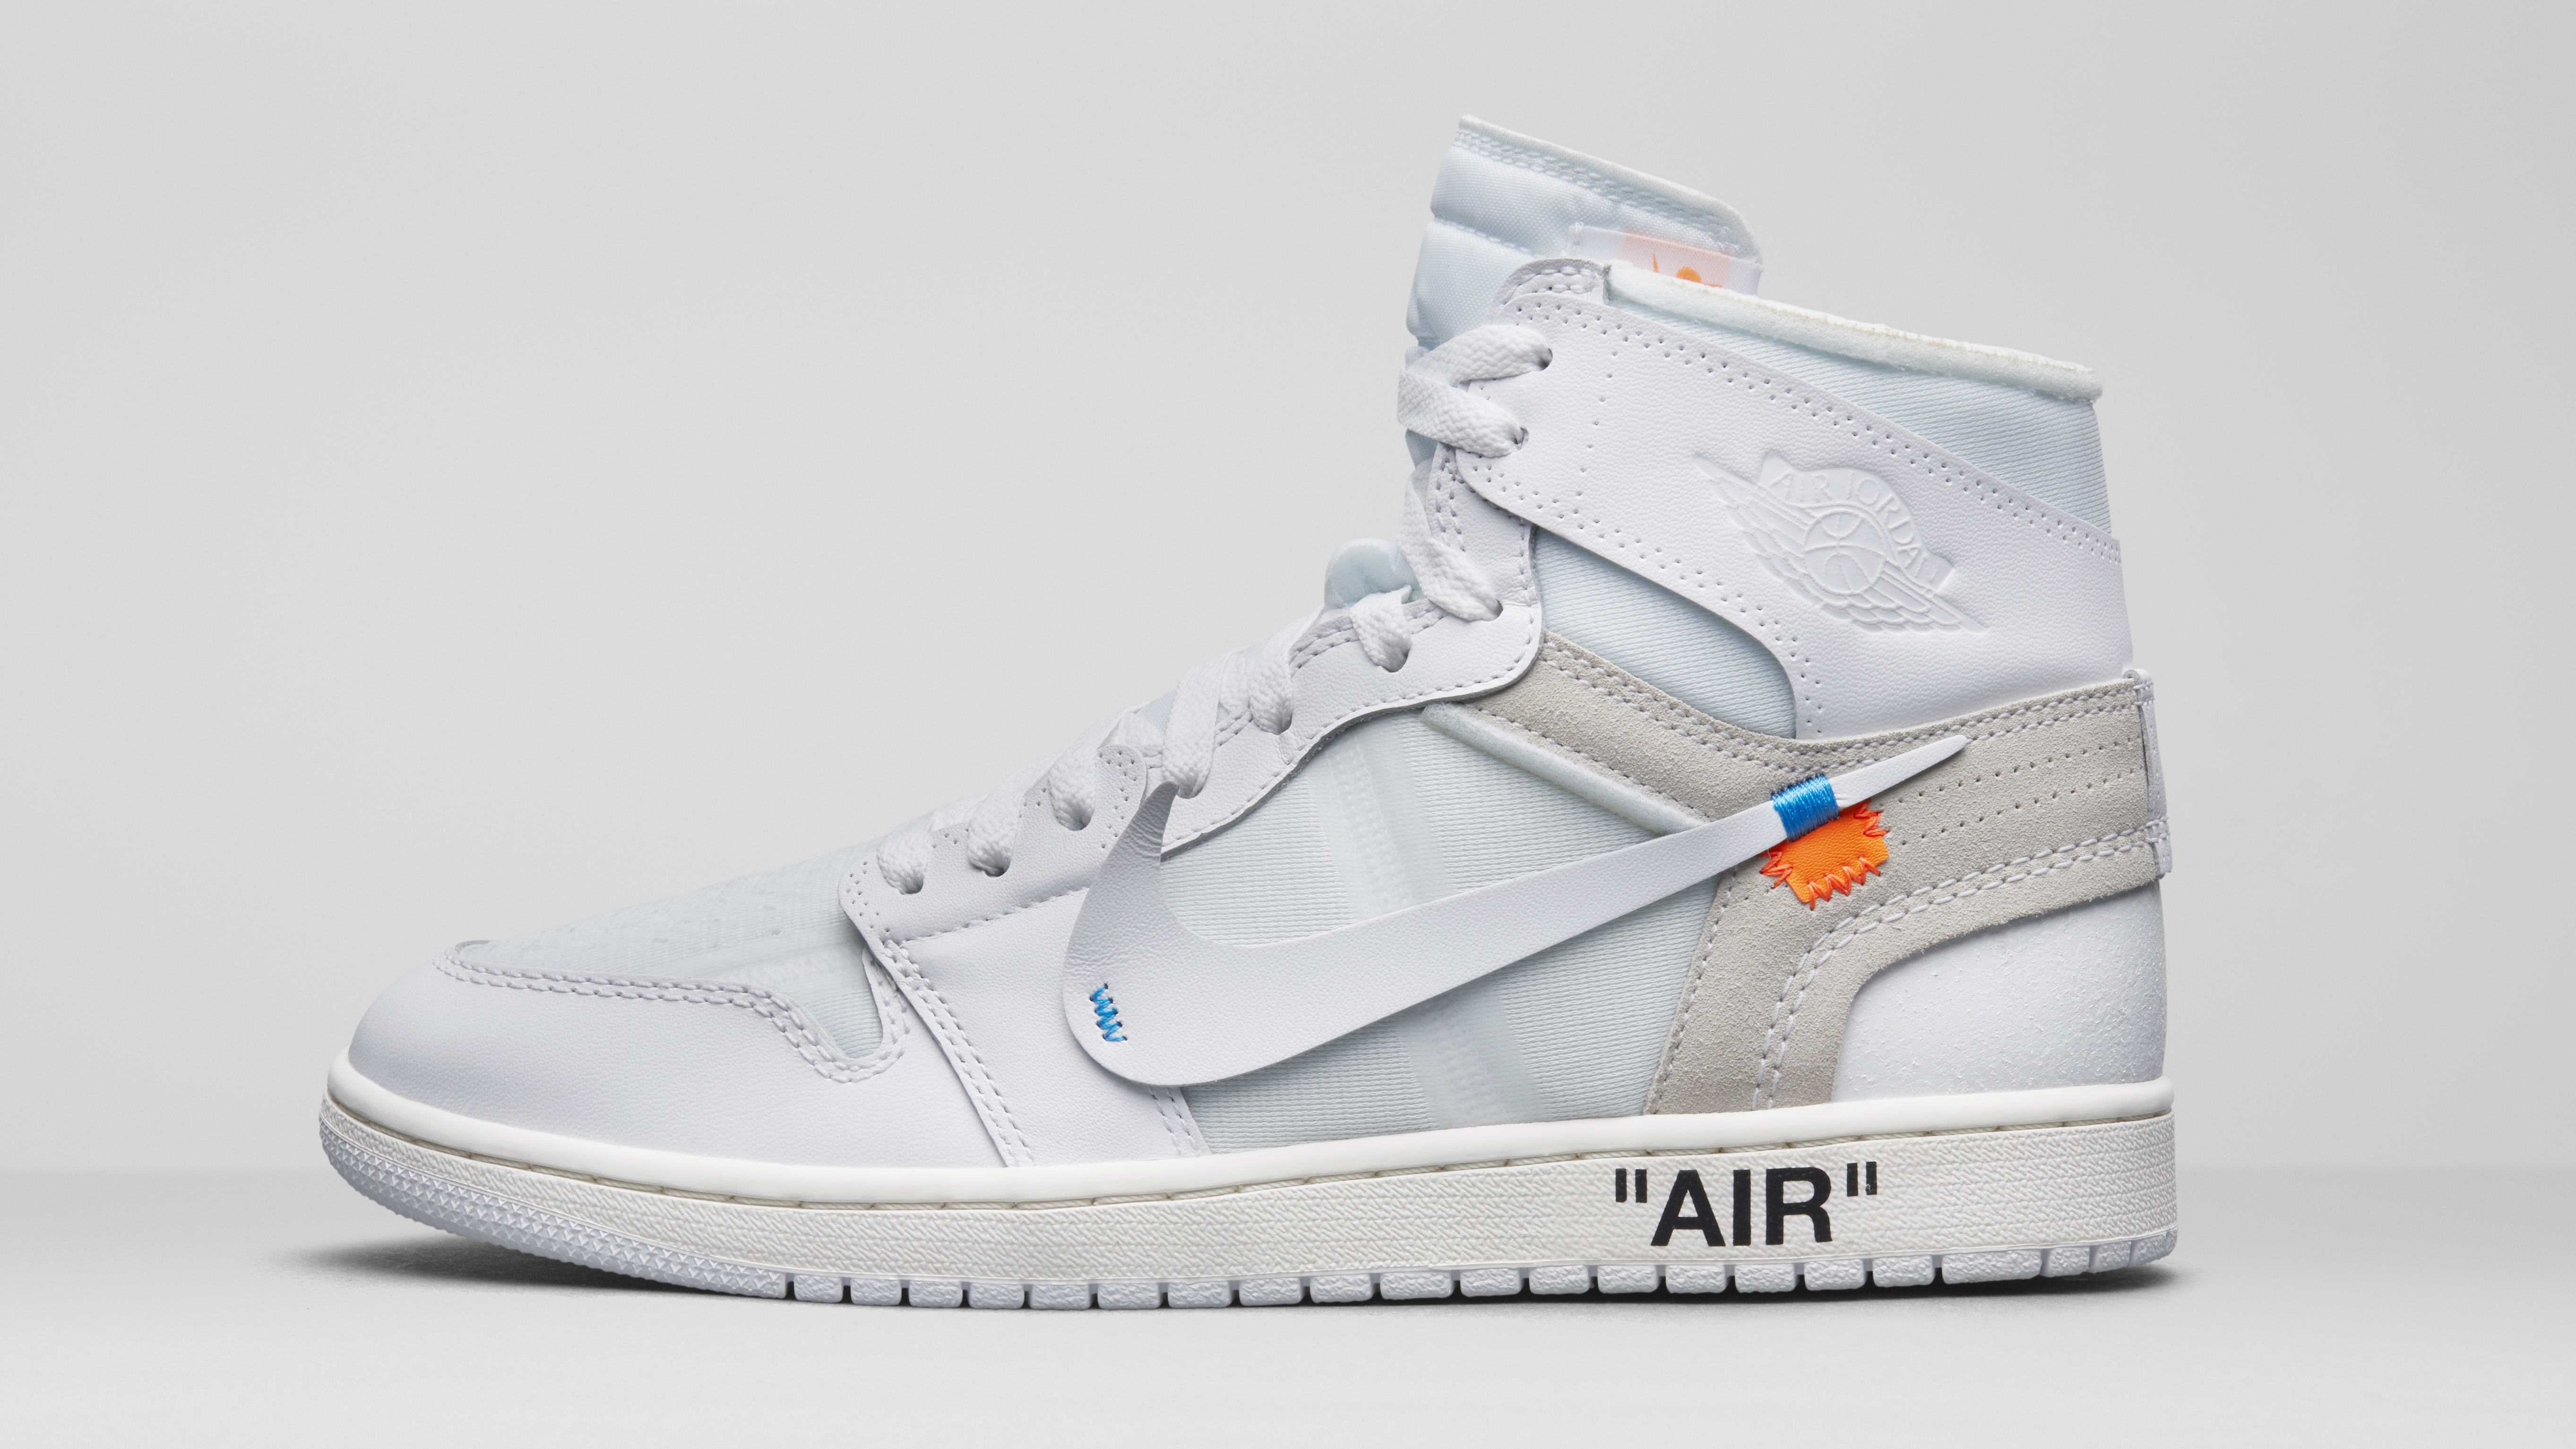 best service af633 94a16 Why Jordan Brand Should Bet on Virgil Abloh | Complex